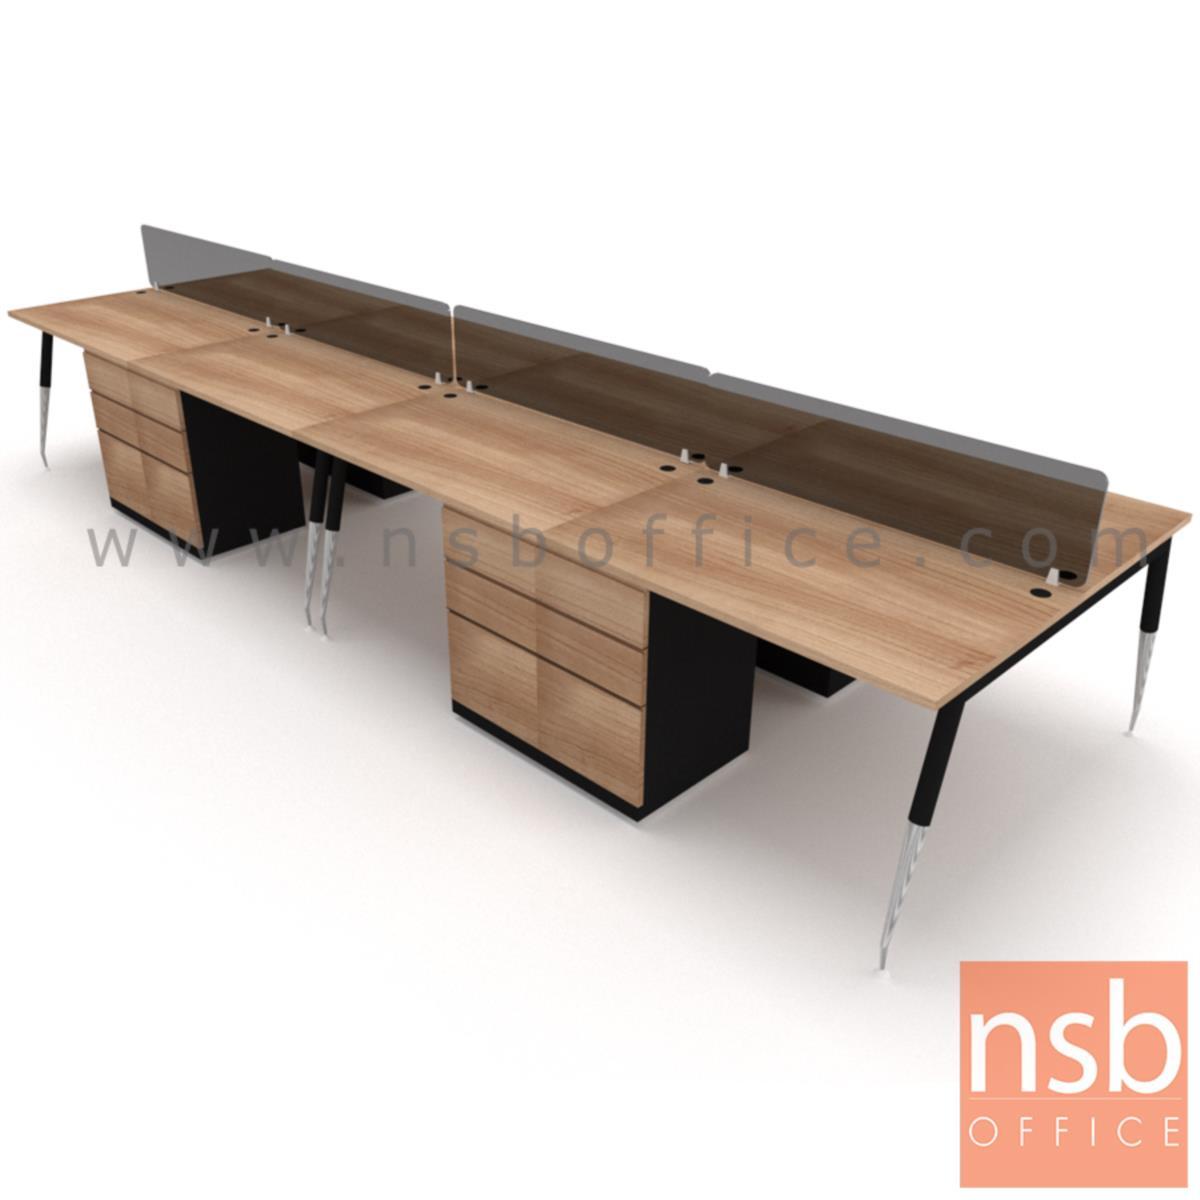 ชุดโต๊ะทำงานกลุ่ม   2 ,4 ,6 ,8 ที่นั่ง พร้อมลิ้นชัก 3 ลิ้นชัก ขาปลายเรียว